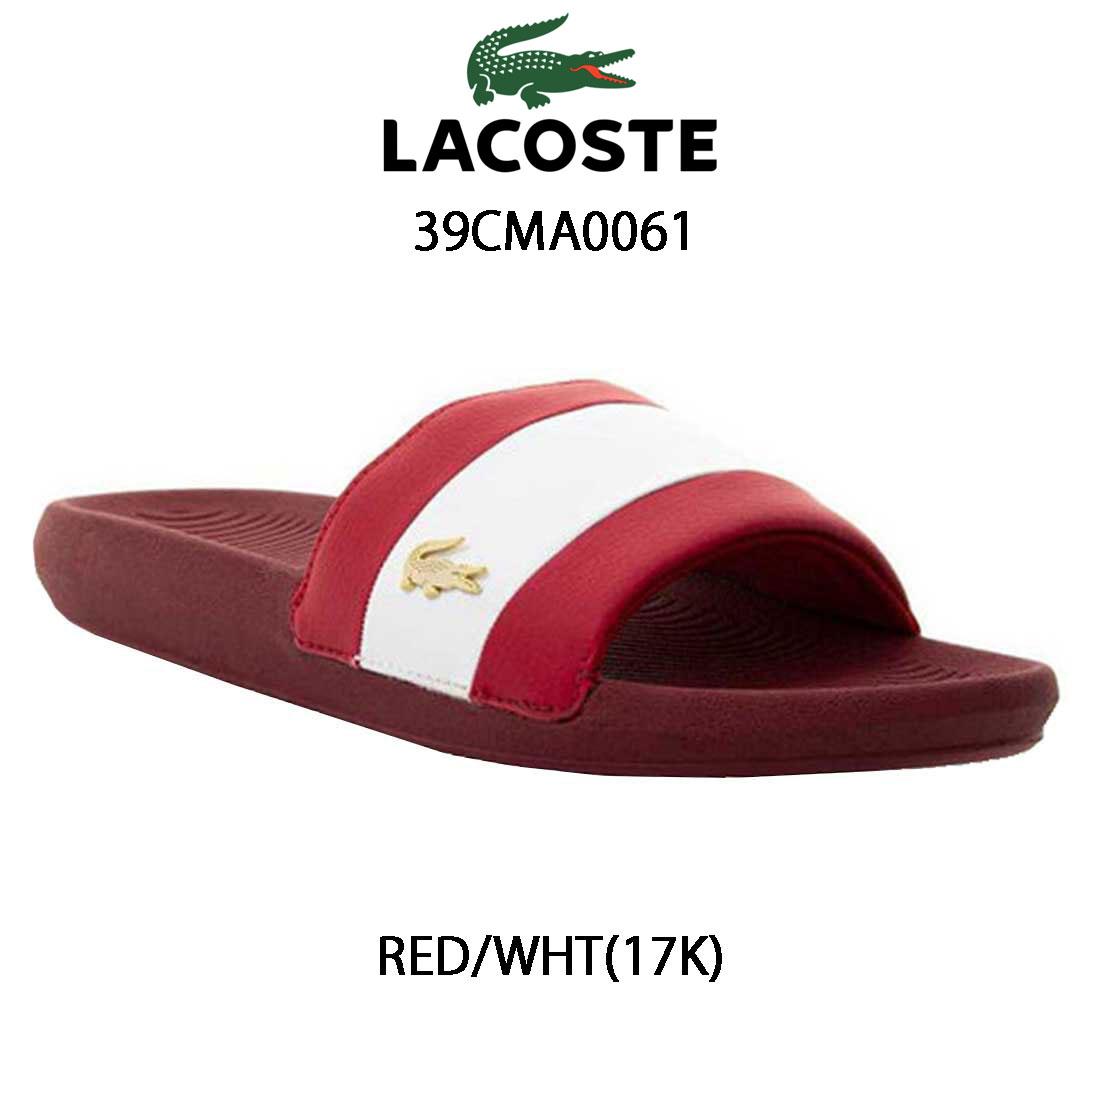 LACOSTE(ラコステ)シャワーサンダル  スポーツ メンズ 男性用 39CMA0061